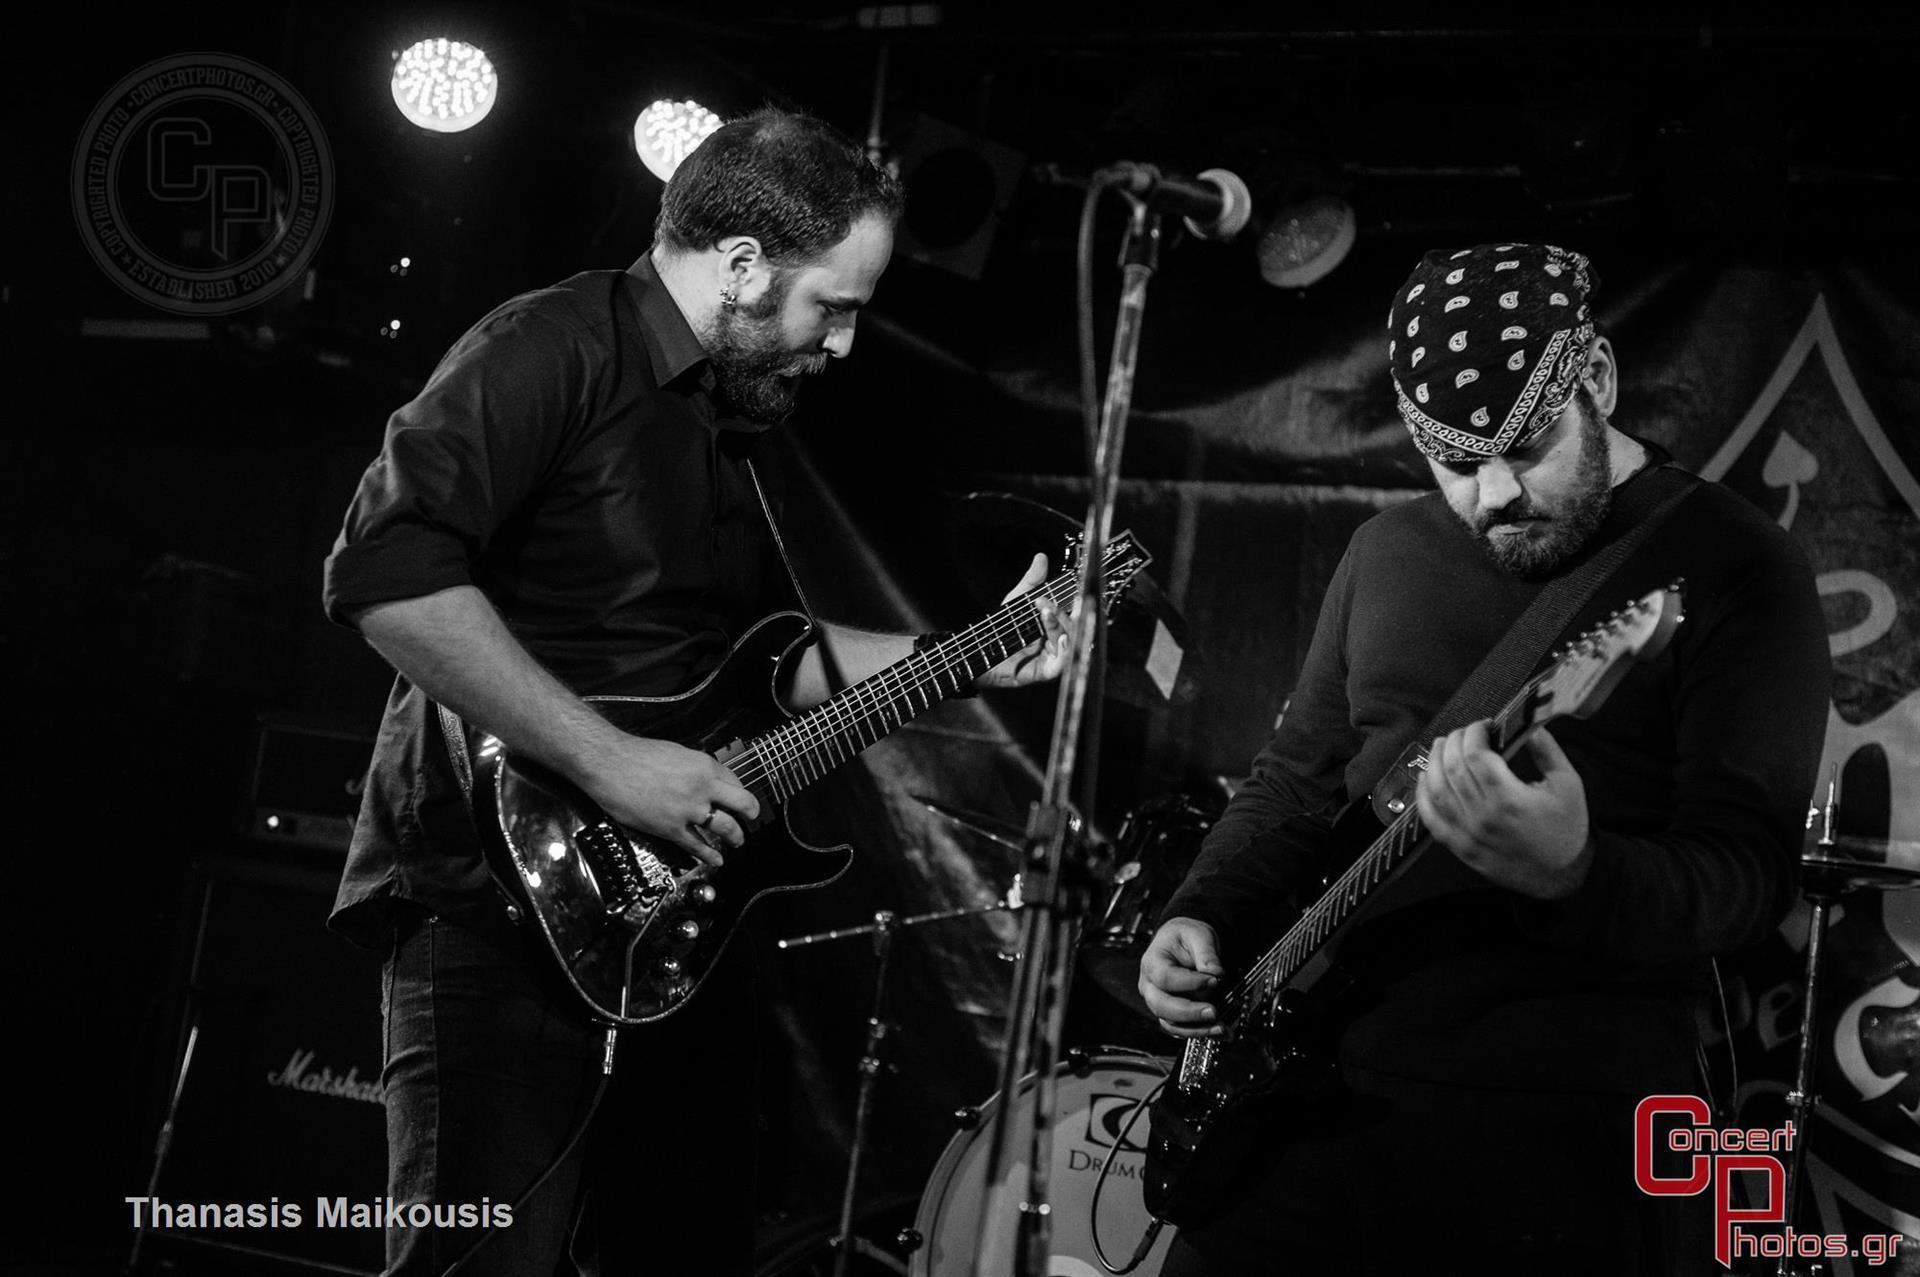 Battle Of The Bands Leg 5-Battle Of The Bands Leg 4 photographer: Thanasis Maikousis - ConcertPhotos - 20150315_2145_36